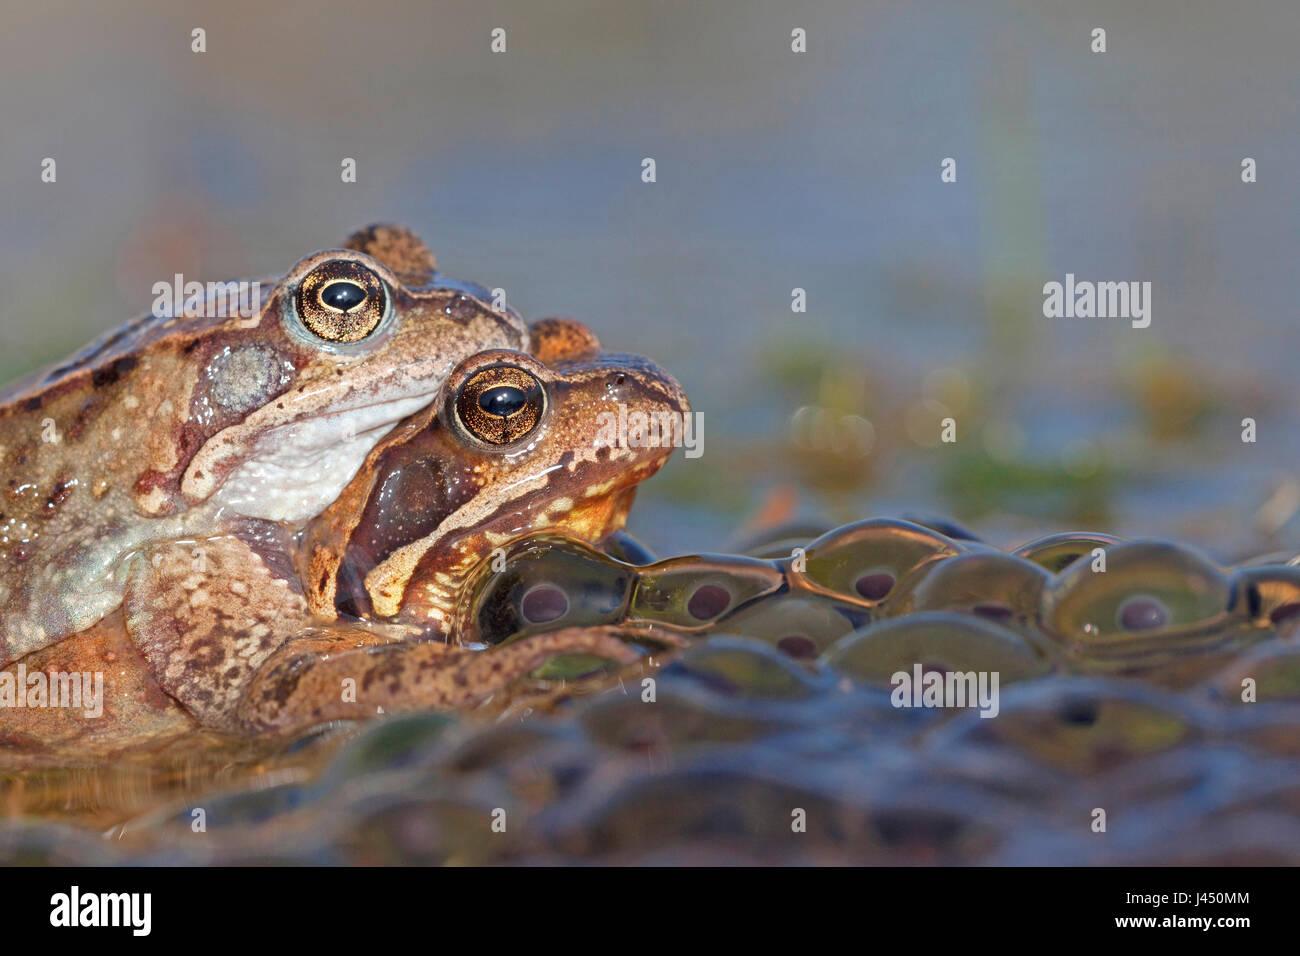 Paire de grenouilles dans l'eau commune entre le frai de grenouille Photo Stock